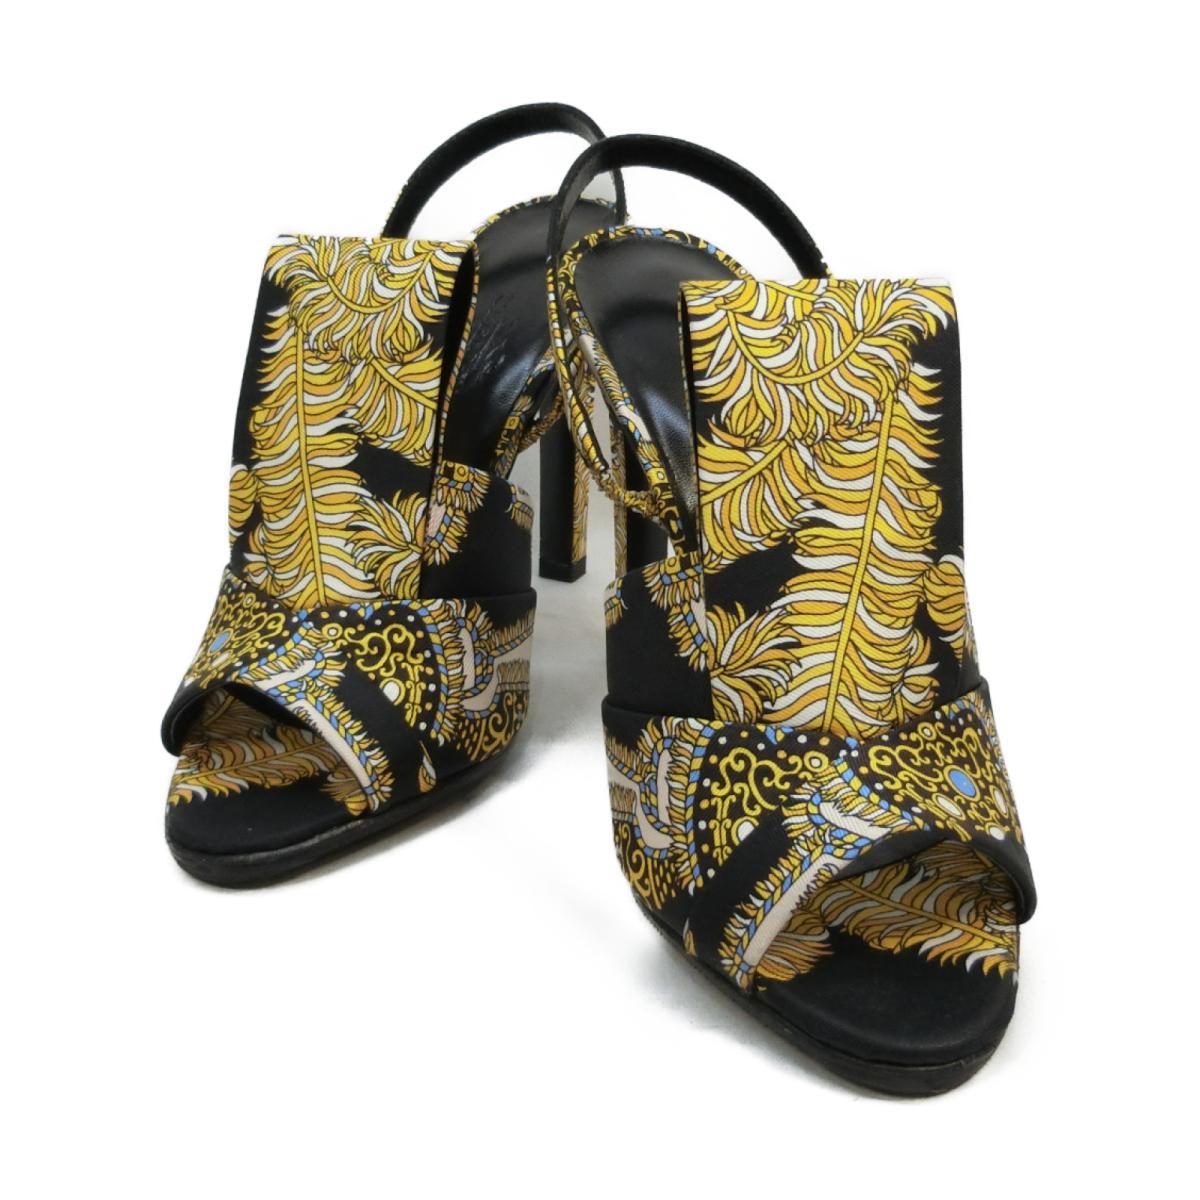 【中古】 エルメス サンダル レディース シルク ブラック イエロー | HERMES くつ 靴 サンダル 美品 ブランドオフ